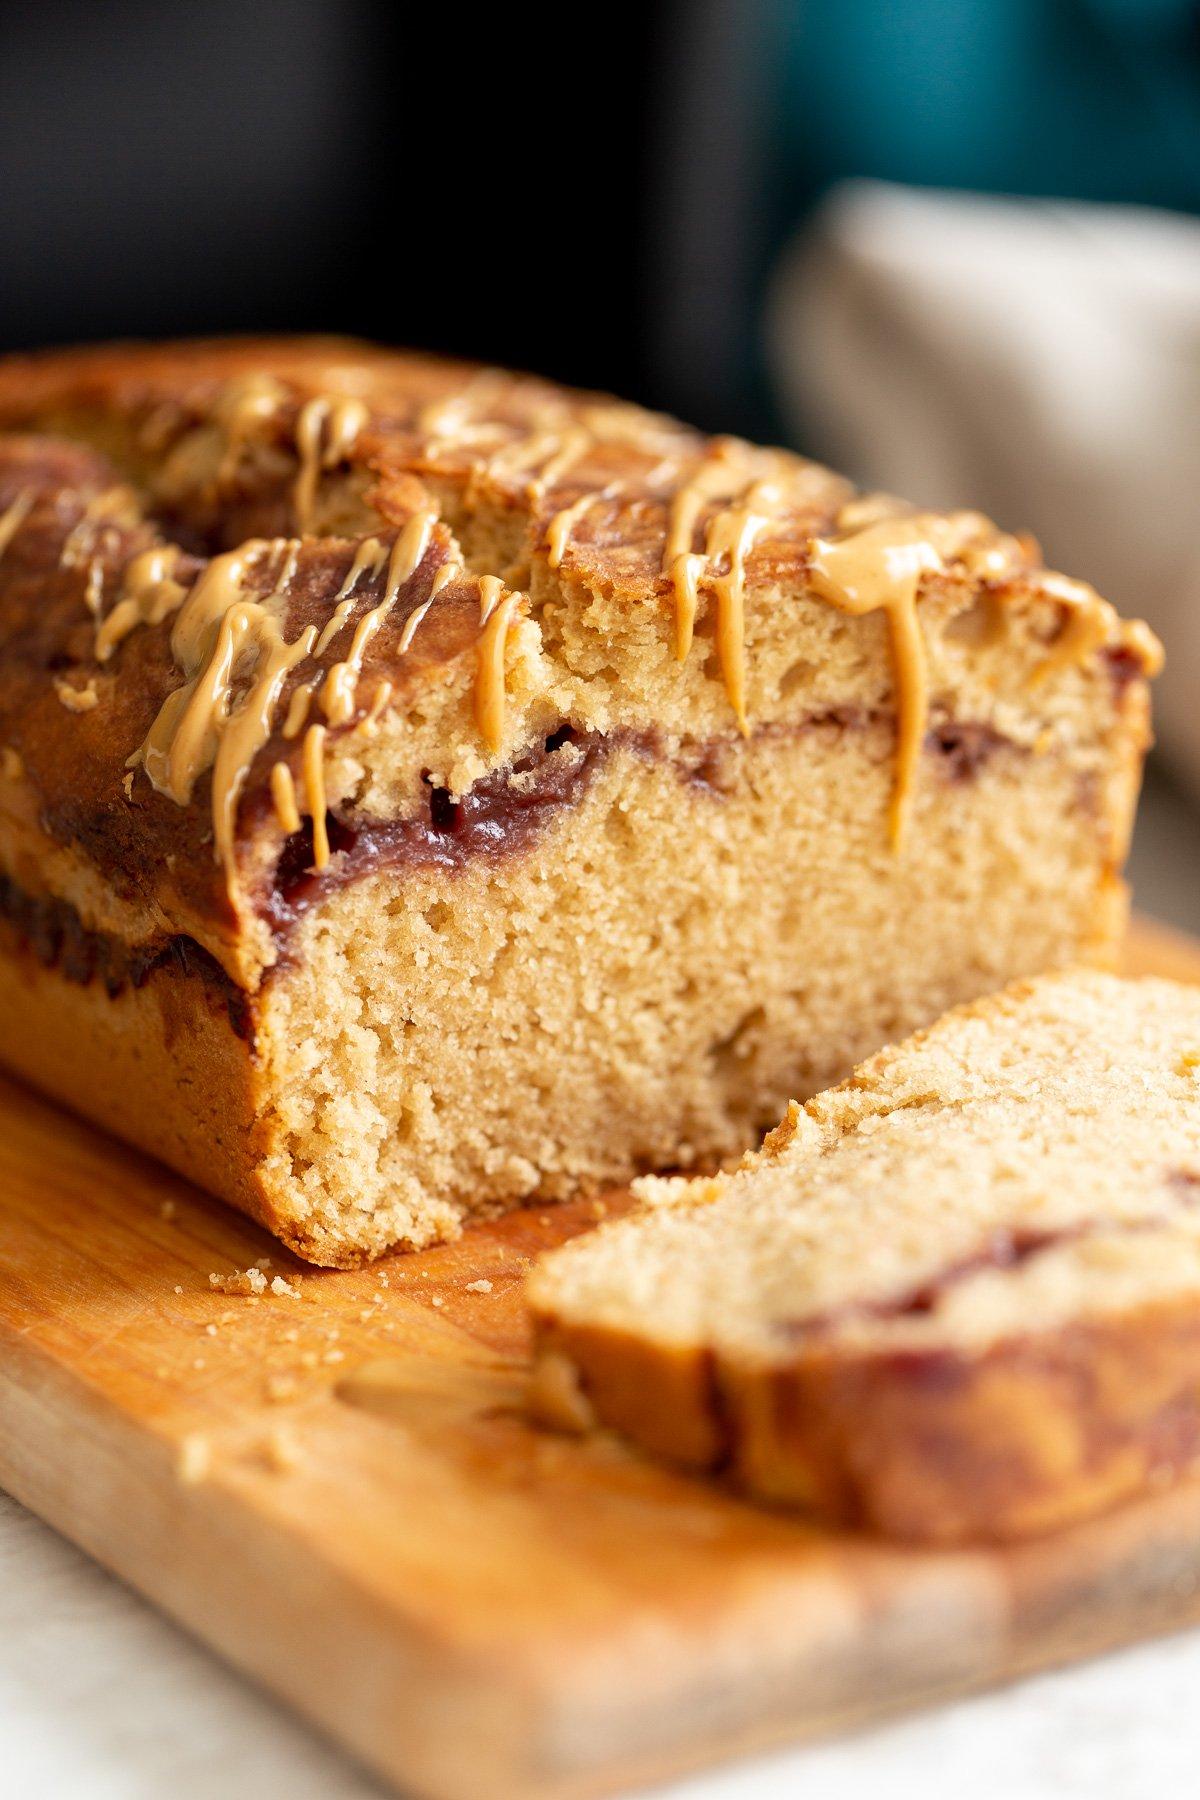 close up de um bolo de pão de pb e j vegan fatiado regado com manteiga de amendoim em uma tábua